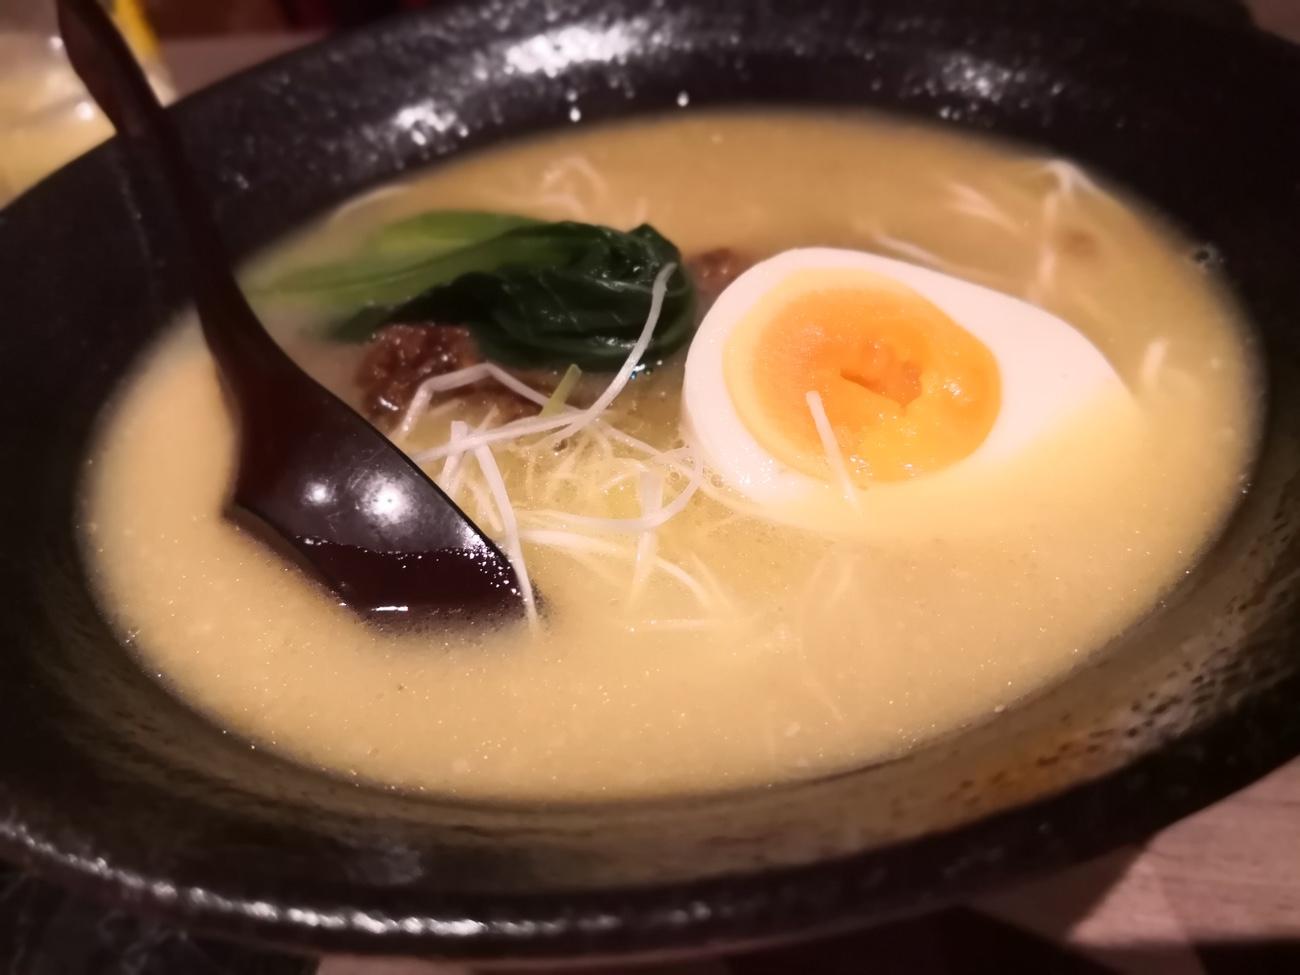 クアラルンプールグルメ ラーメン美味しい 新日本焼肉党クアラルンプール